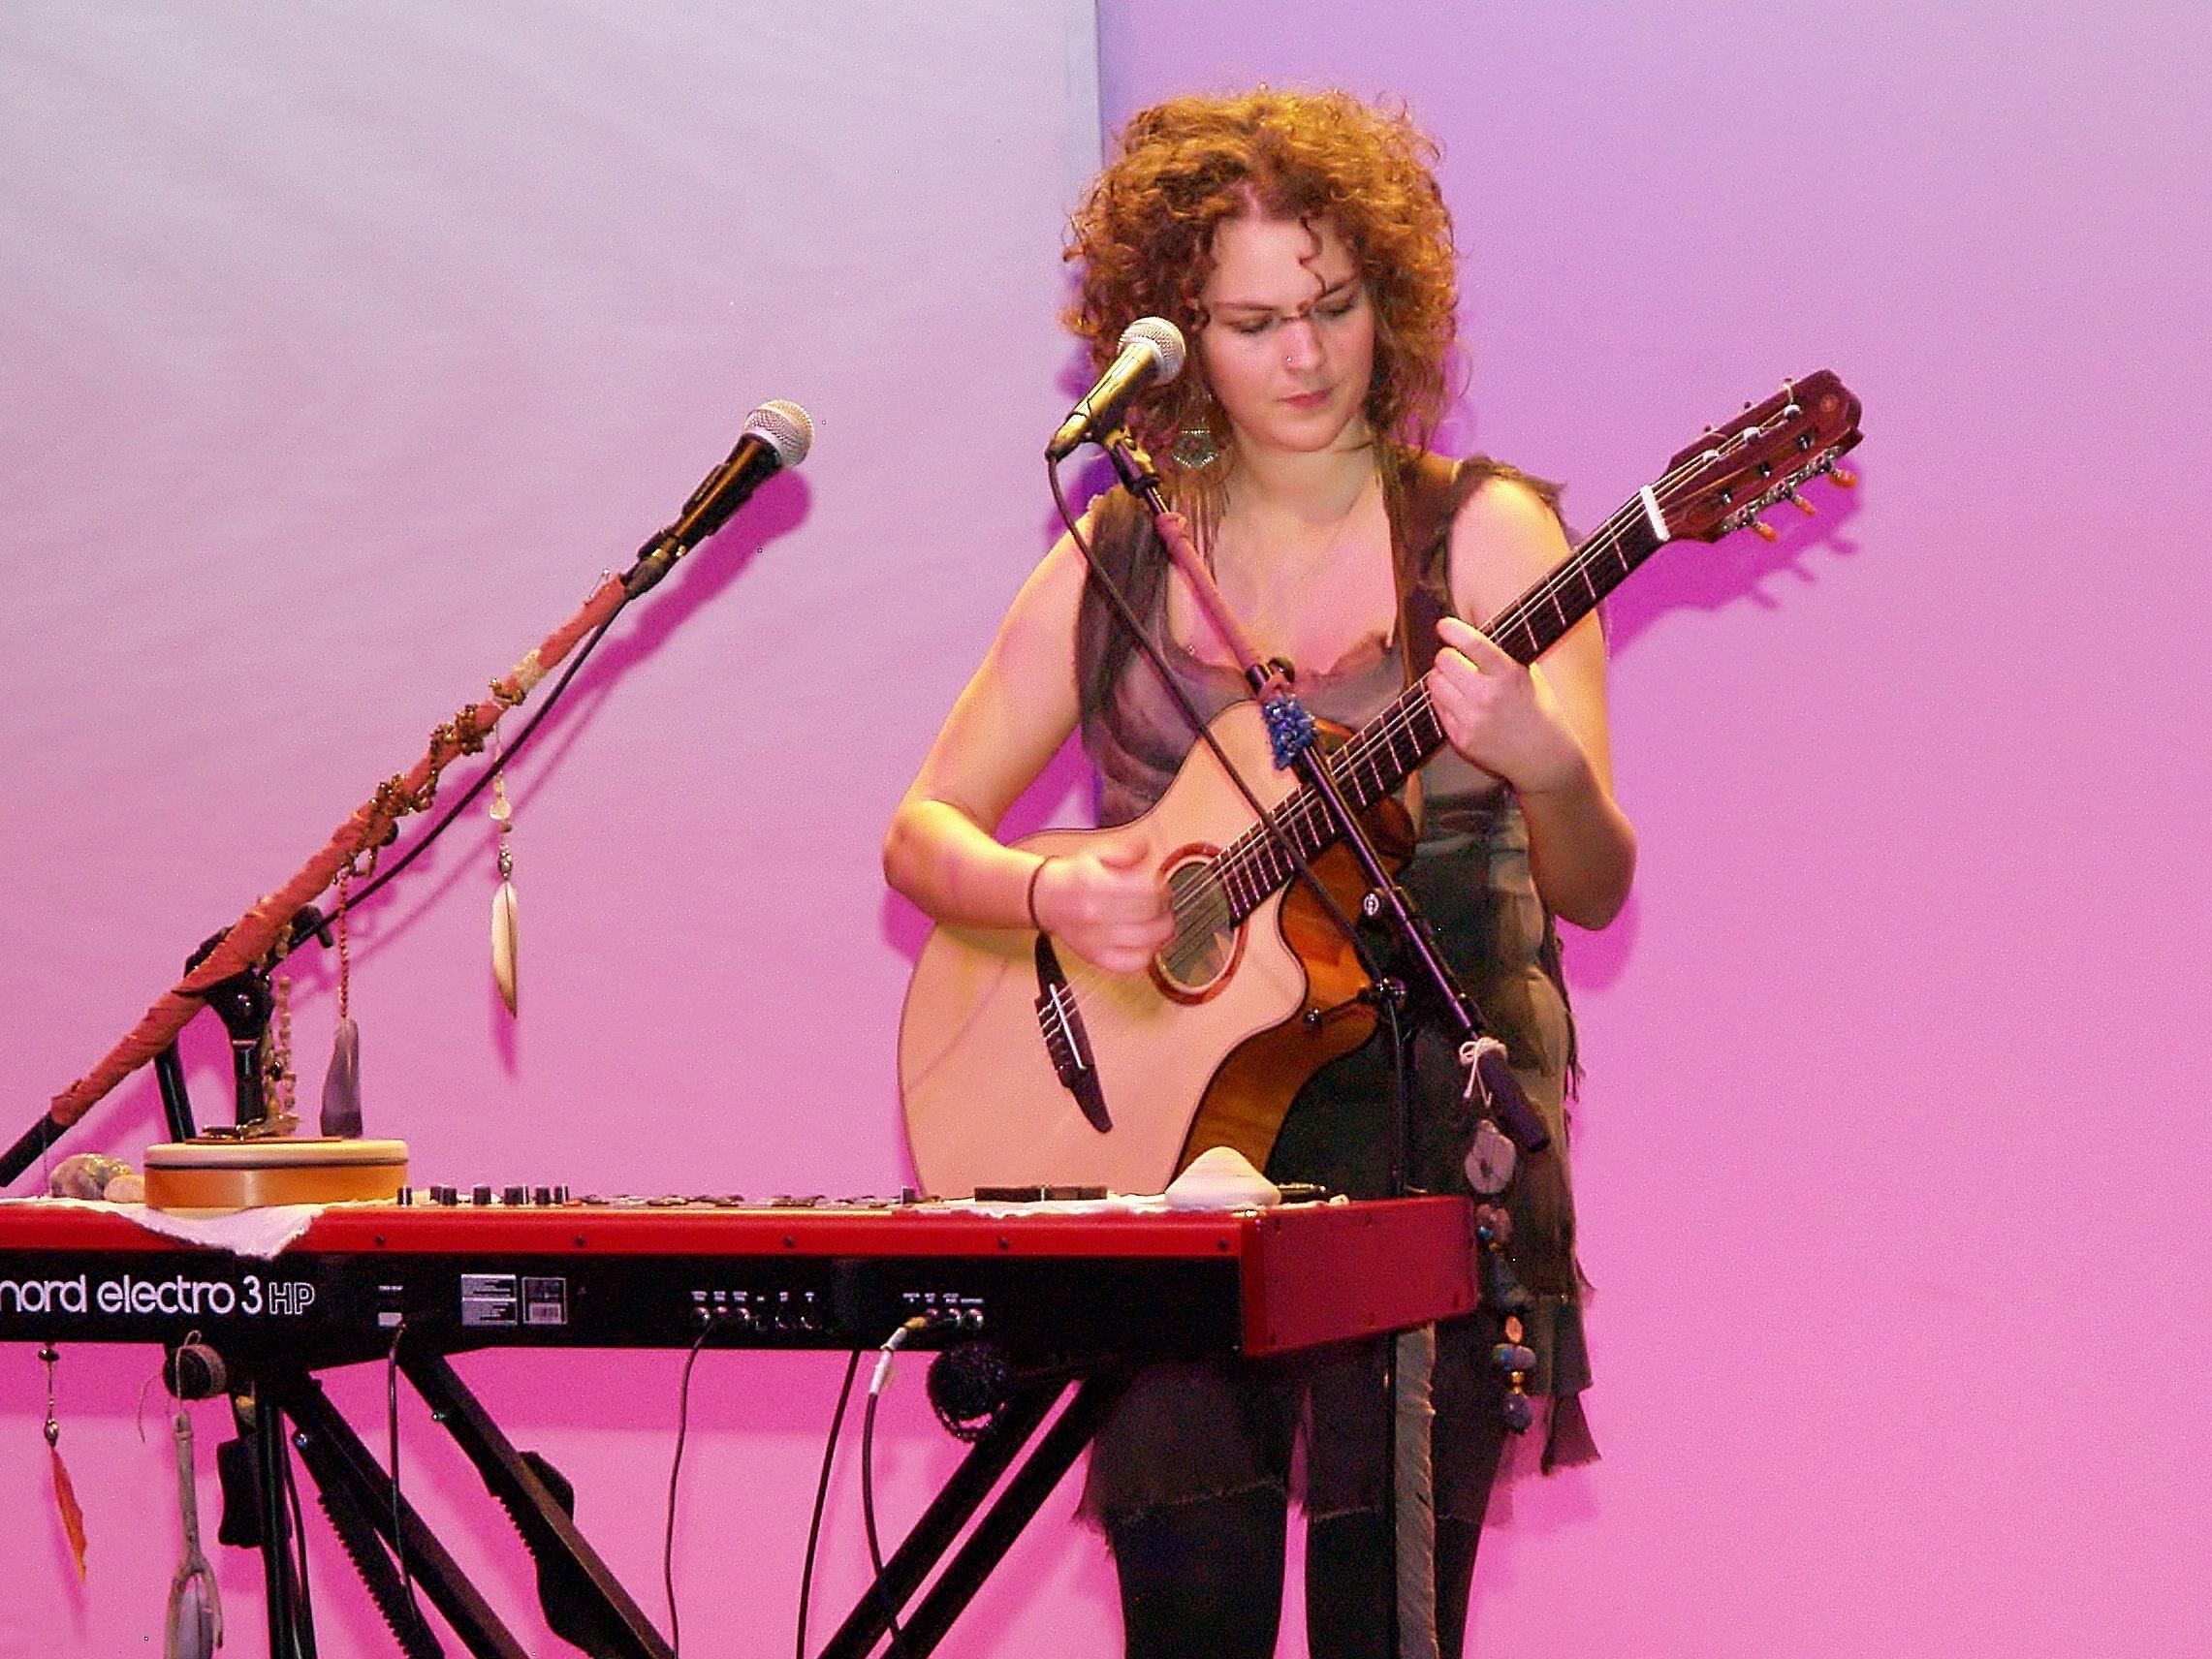 """Am Freitag, den 2. Juni 2017 findet um 20 Uhr im Verein """"Tankstelle"""" in Bregenz ein Konzert von Magdalena Grabher statt."""